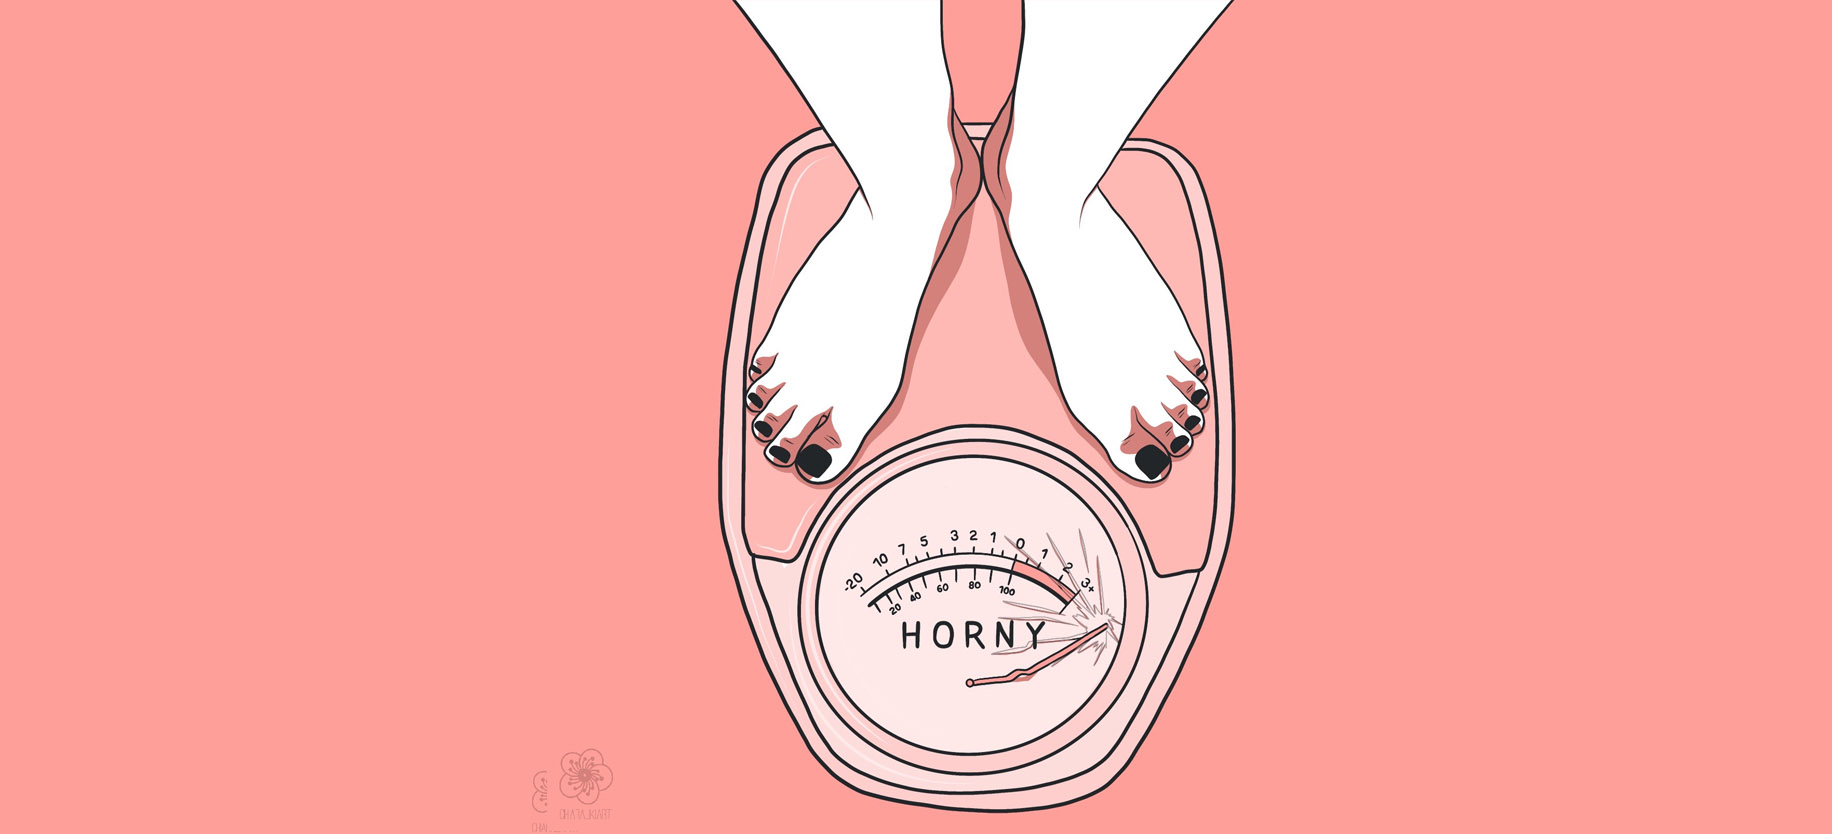 horny artwork by chiara liki